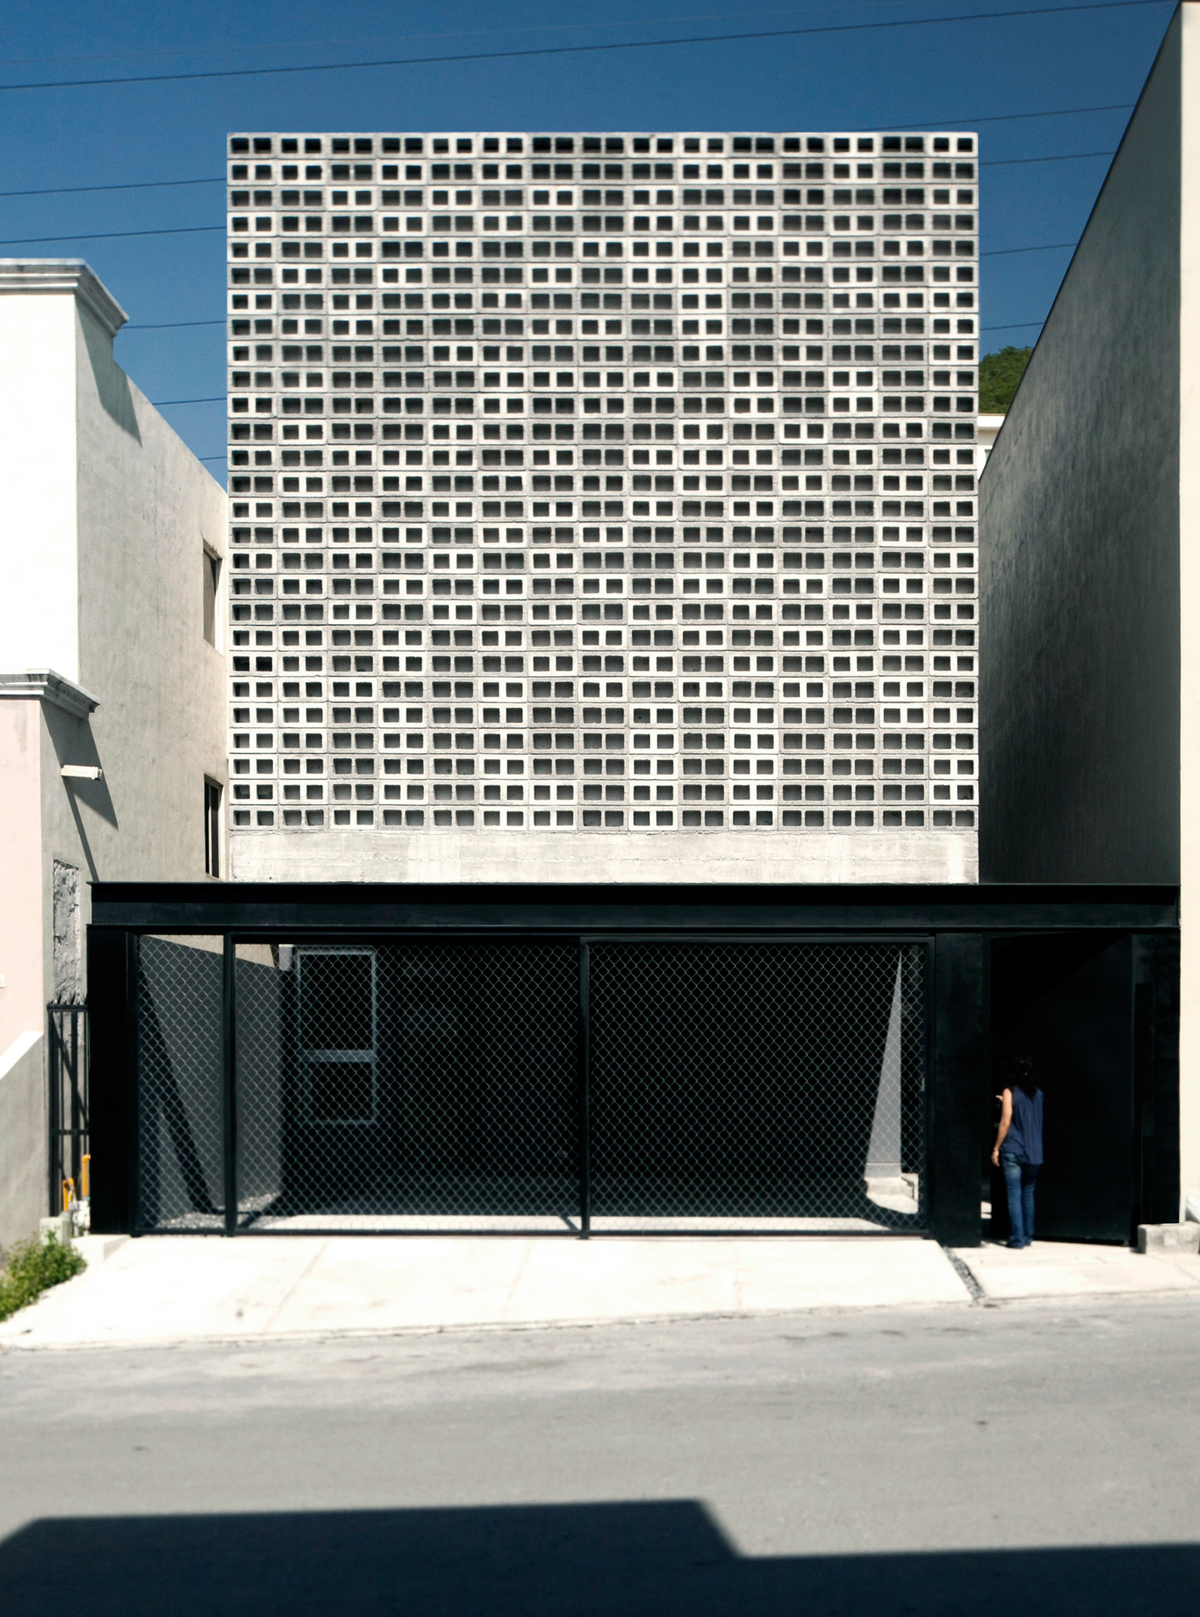 Casa 9X20. Courtesy of S-AR